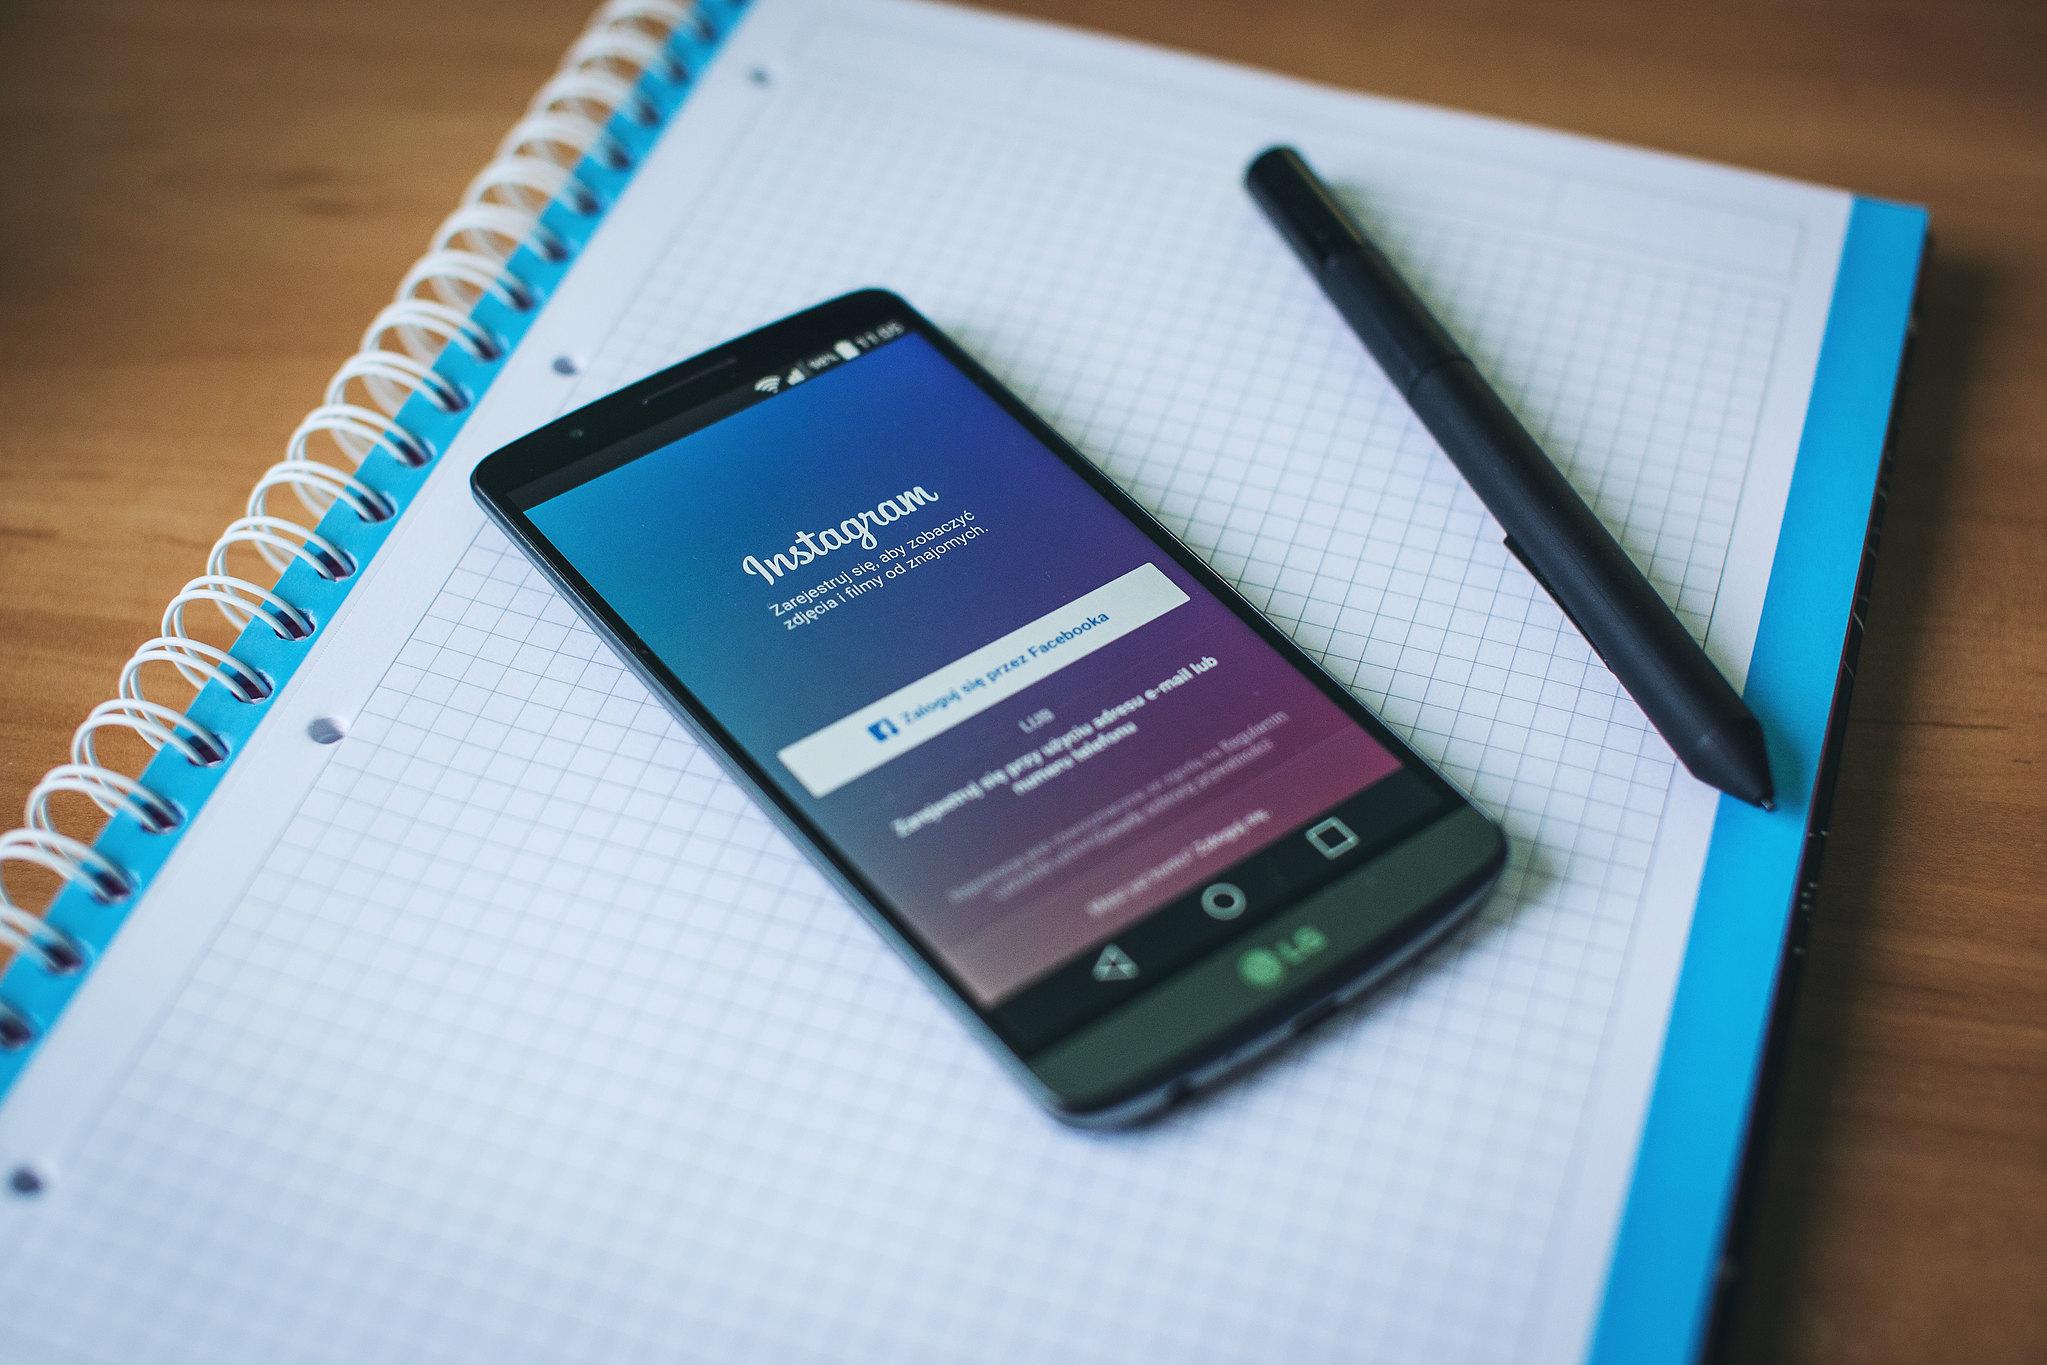 Come si fa a pubblicare una foto su Instagram senza tagliarla?